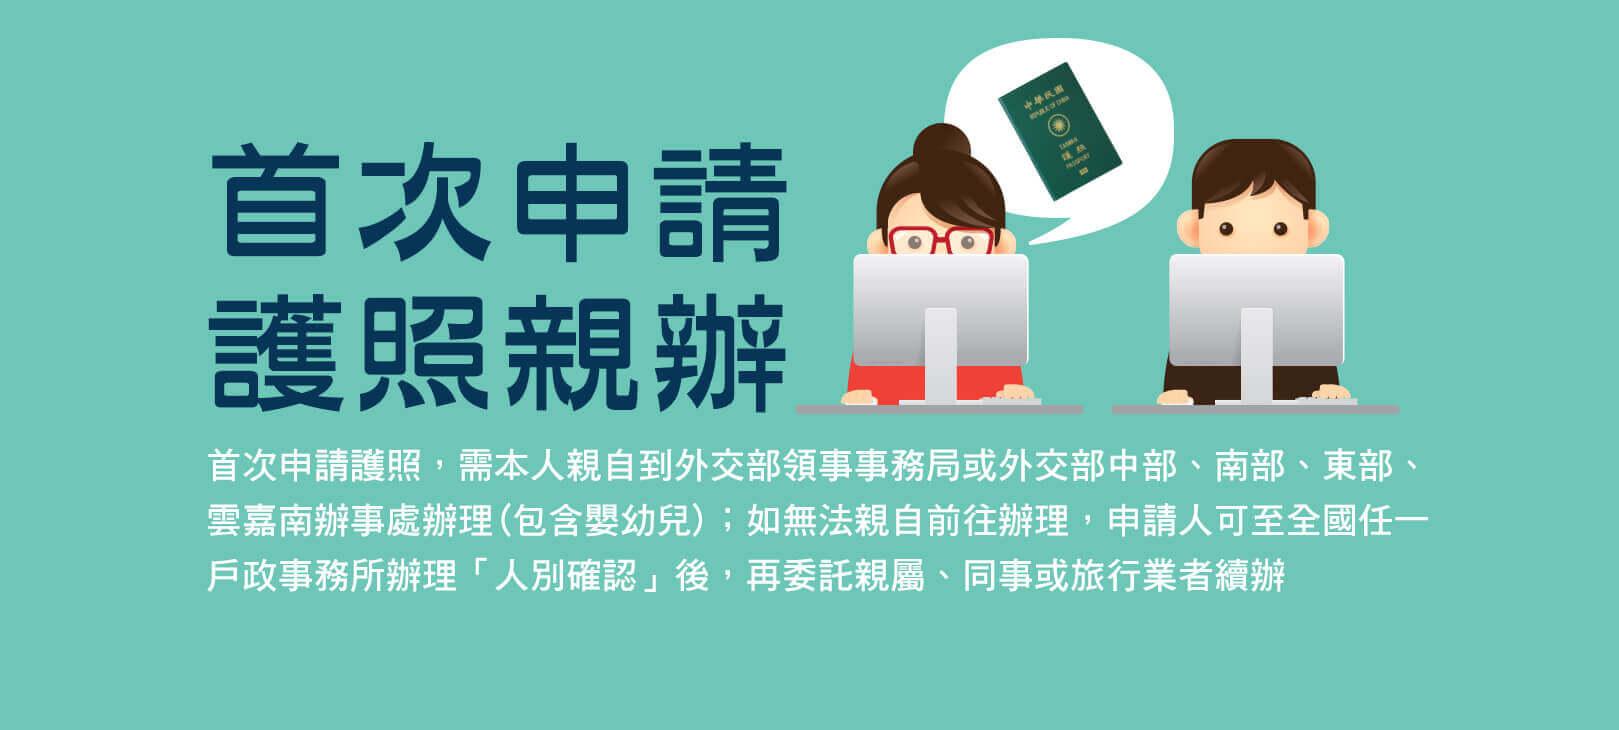 首次申請護照親辦